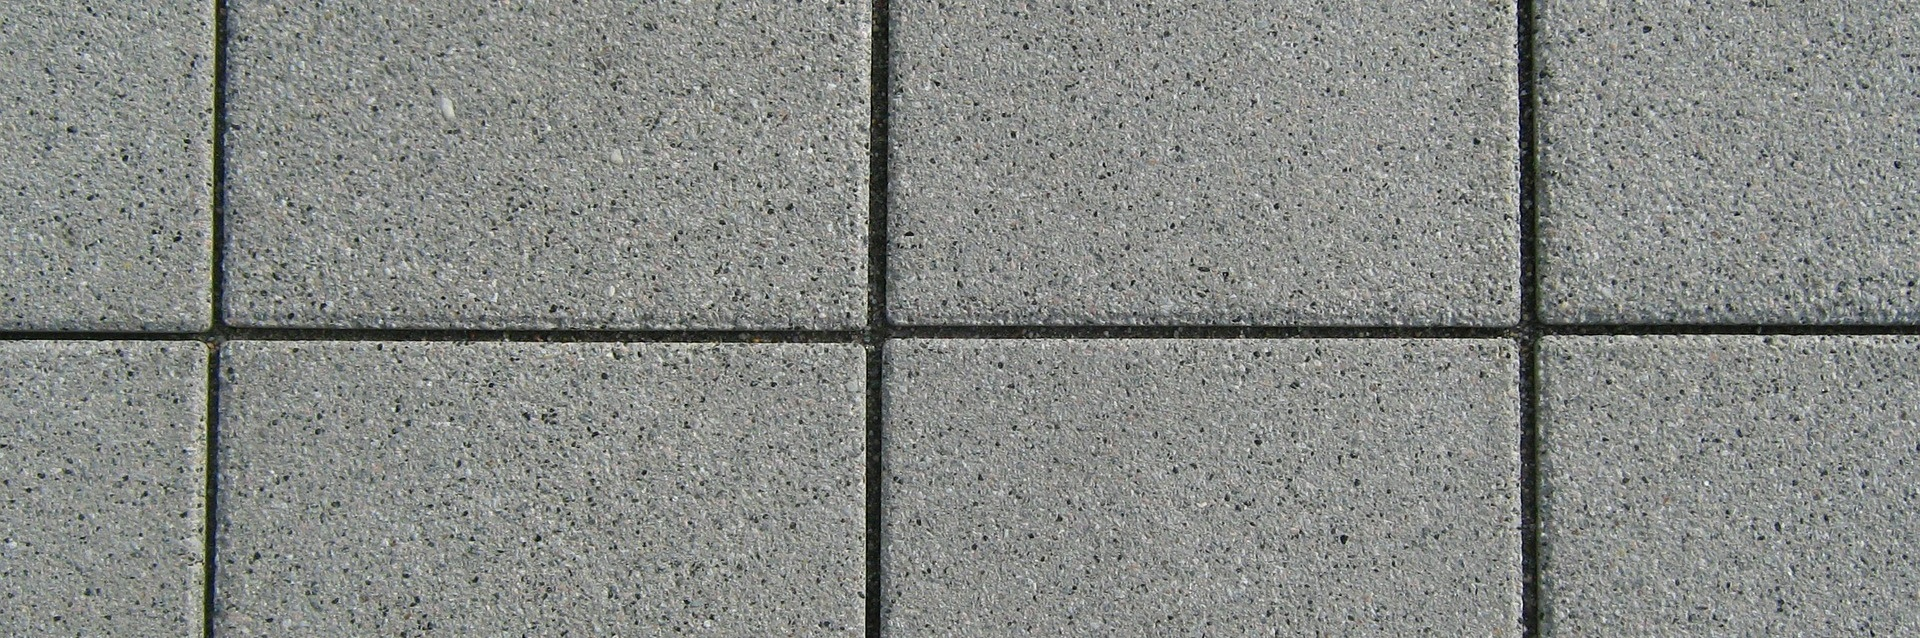 también suelo técnico para acabados pétreos